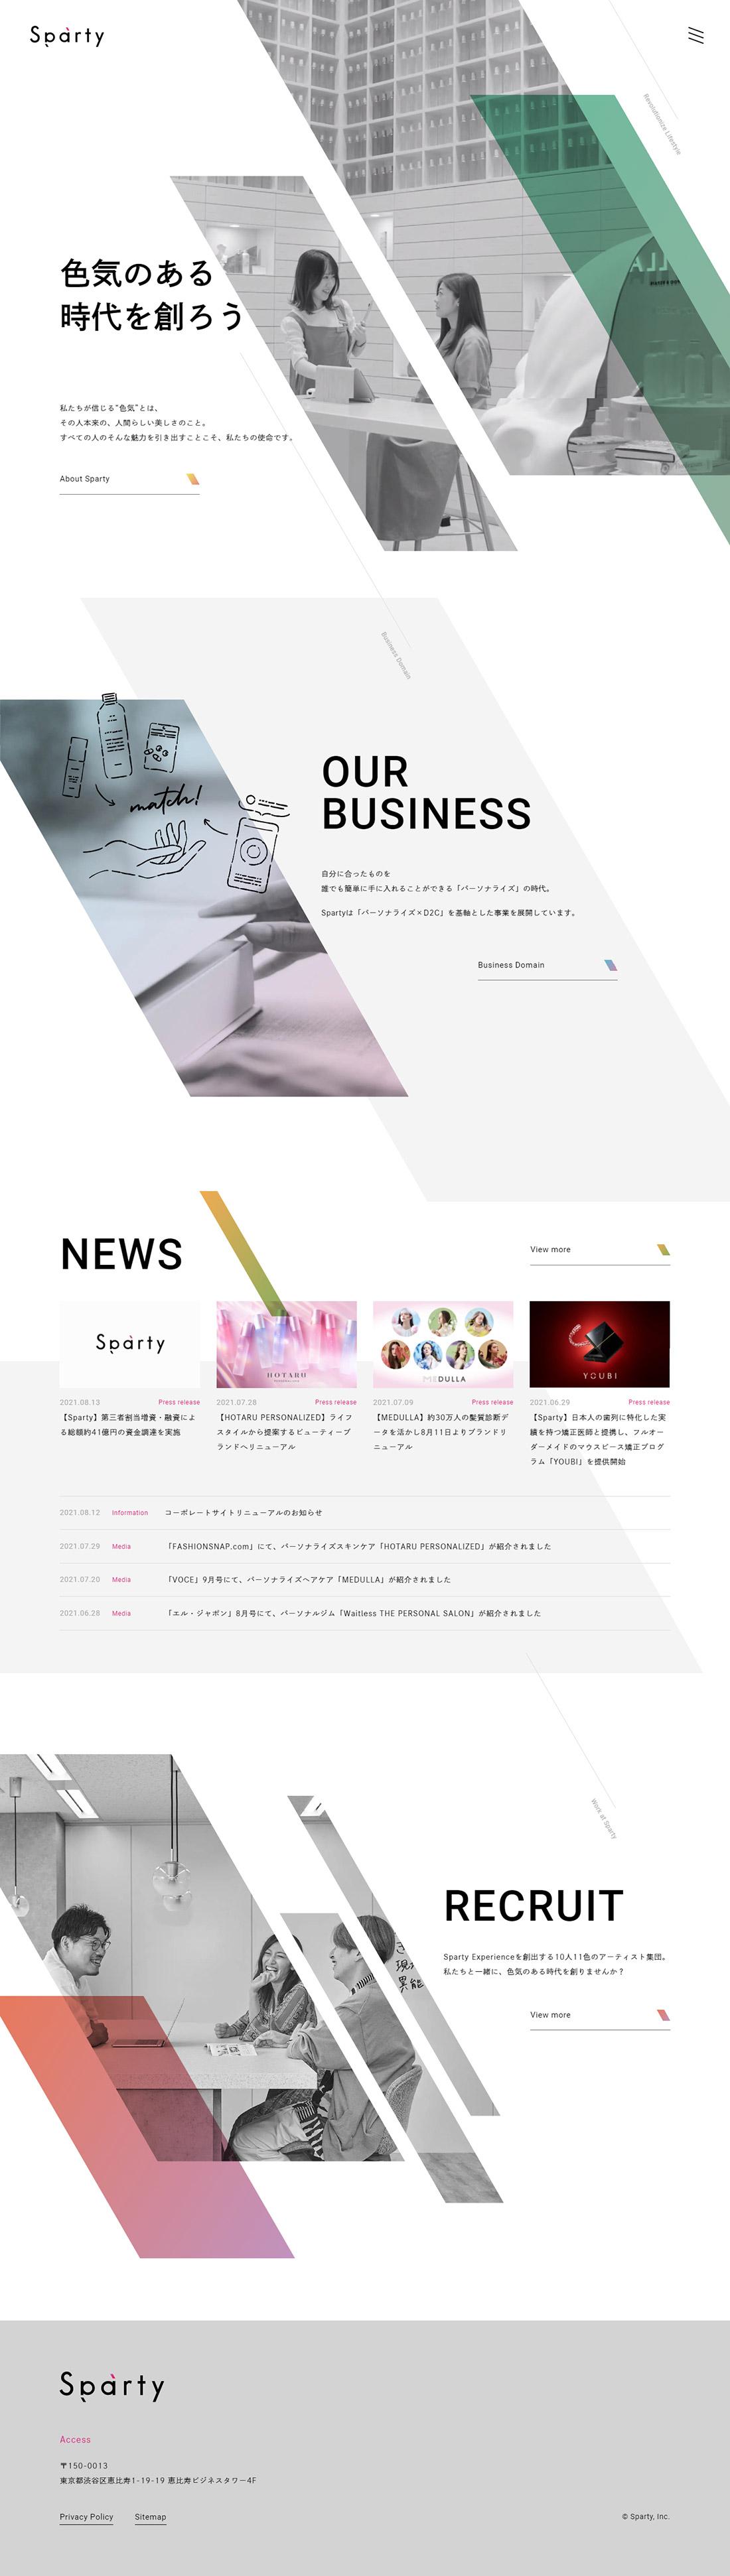 Sparty, Inc. | パーソナライズ×D2Cを基軸としたテックカンパニー